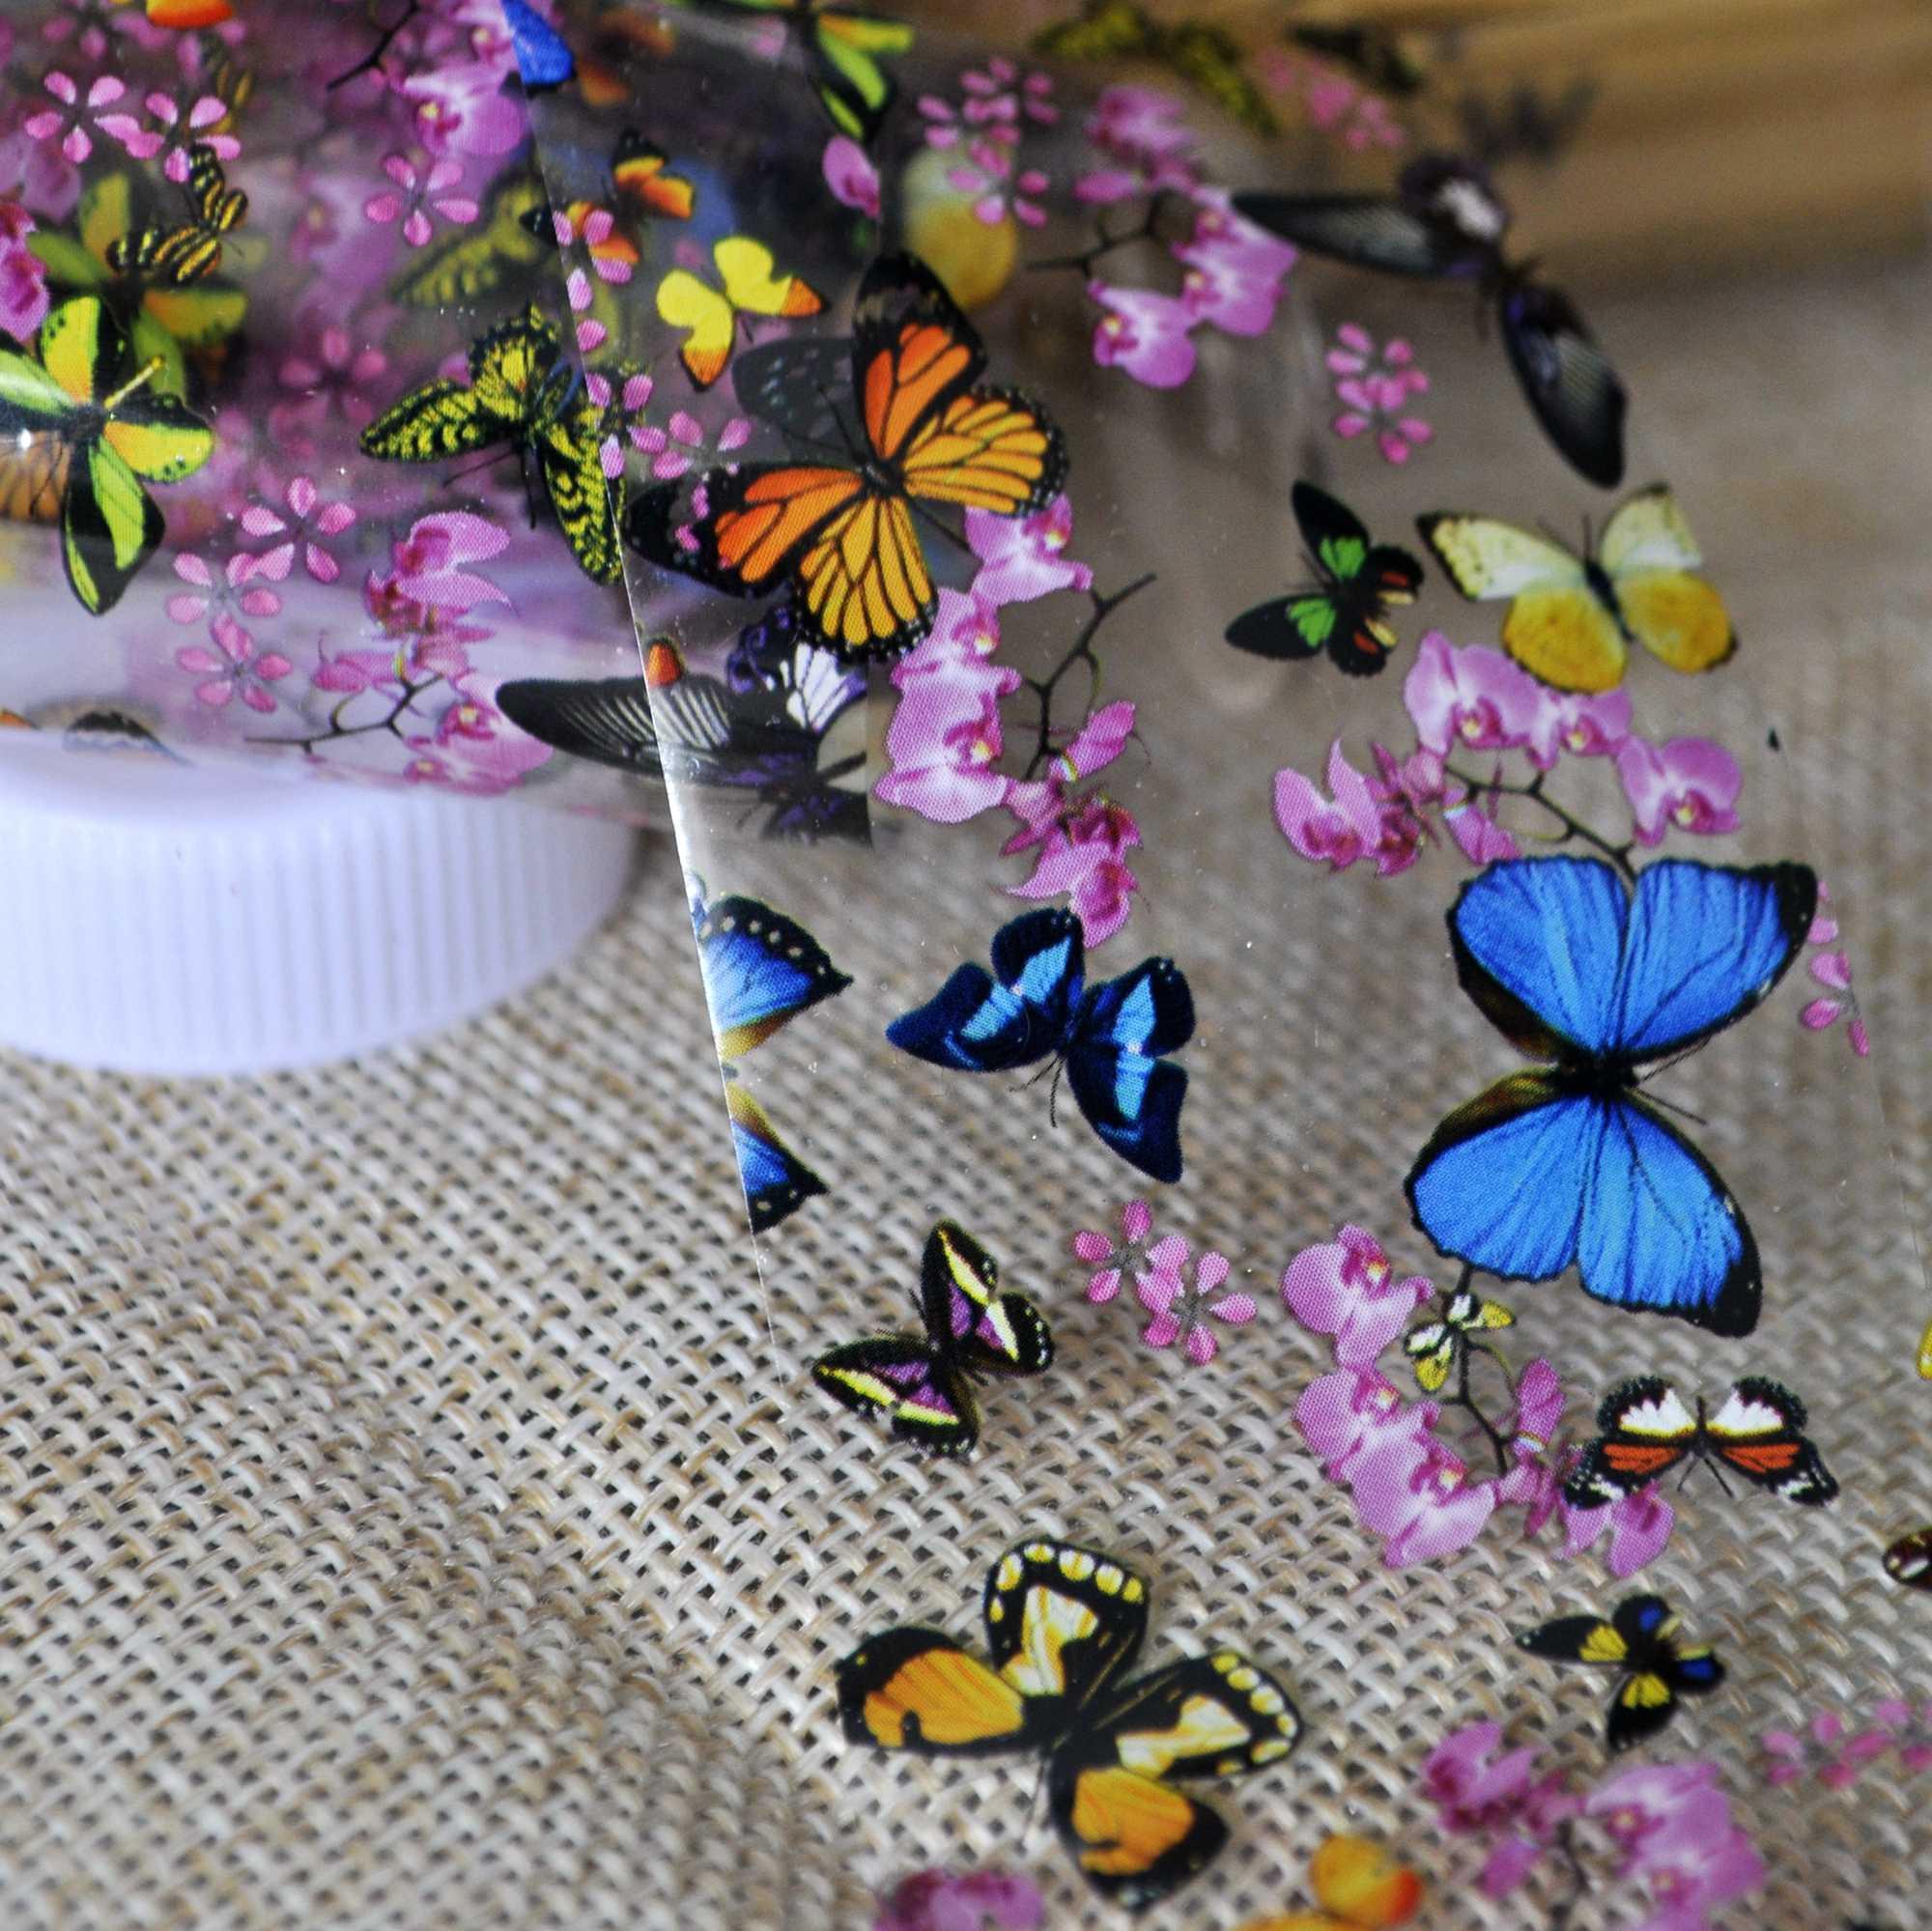 Borboleta ameixa flor unha arte transferência folhas colorido envoltório completo etiqueta do prego decalque decoração diy manicure ferramentas 653